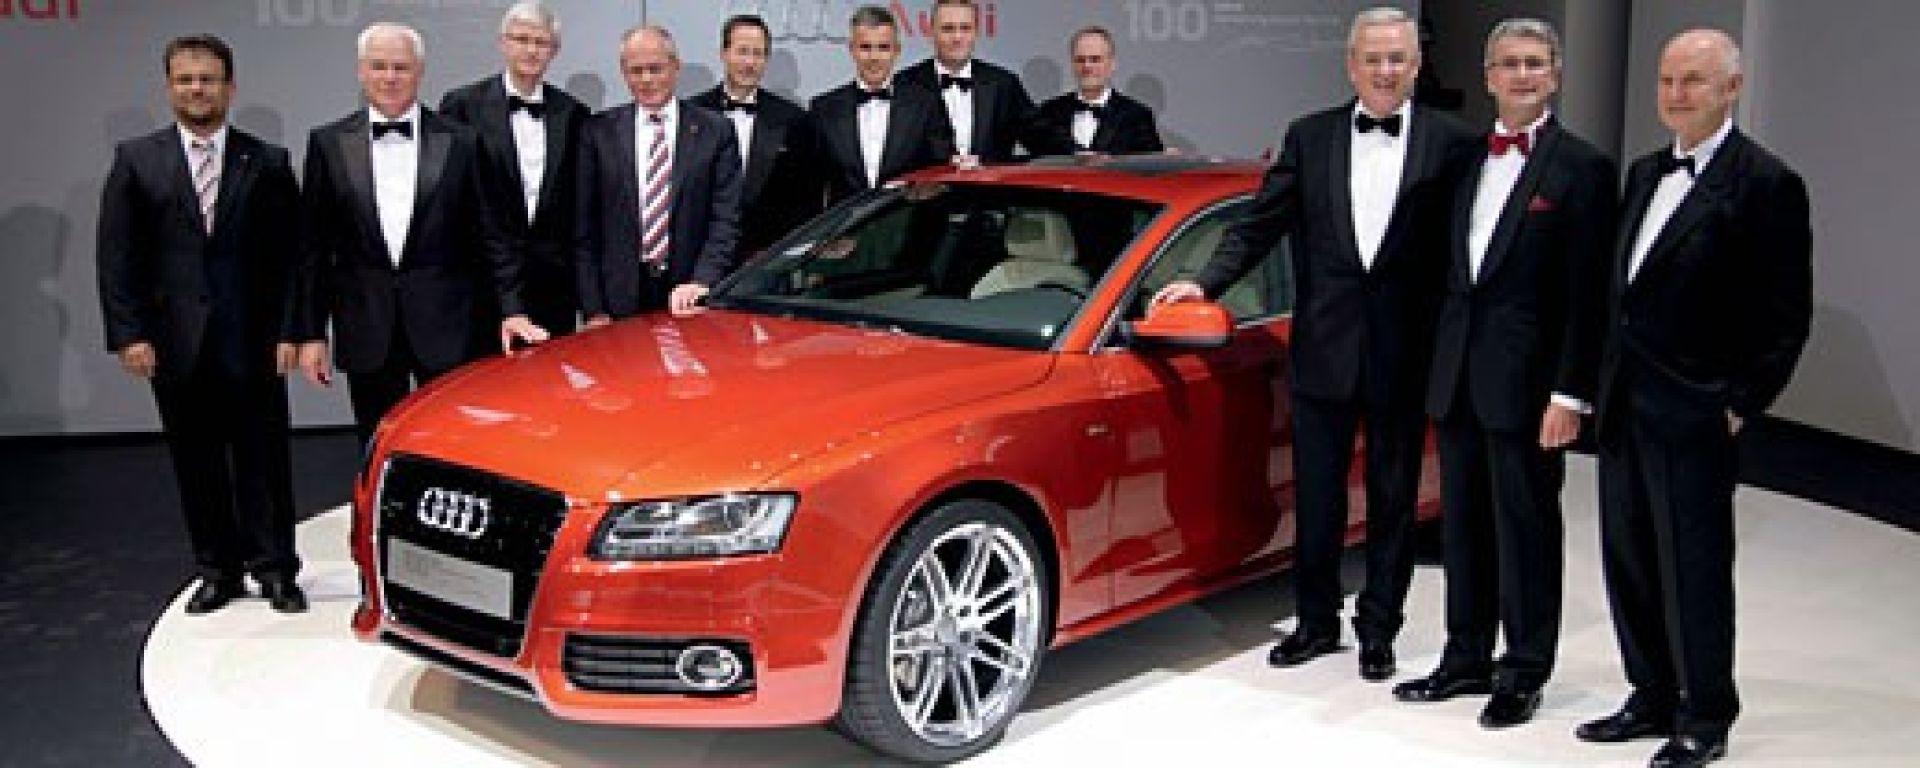 100 anni di Audi, guarda la mega gallery